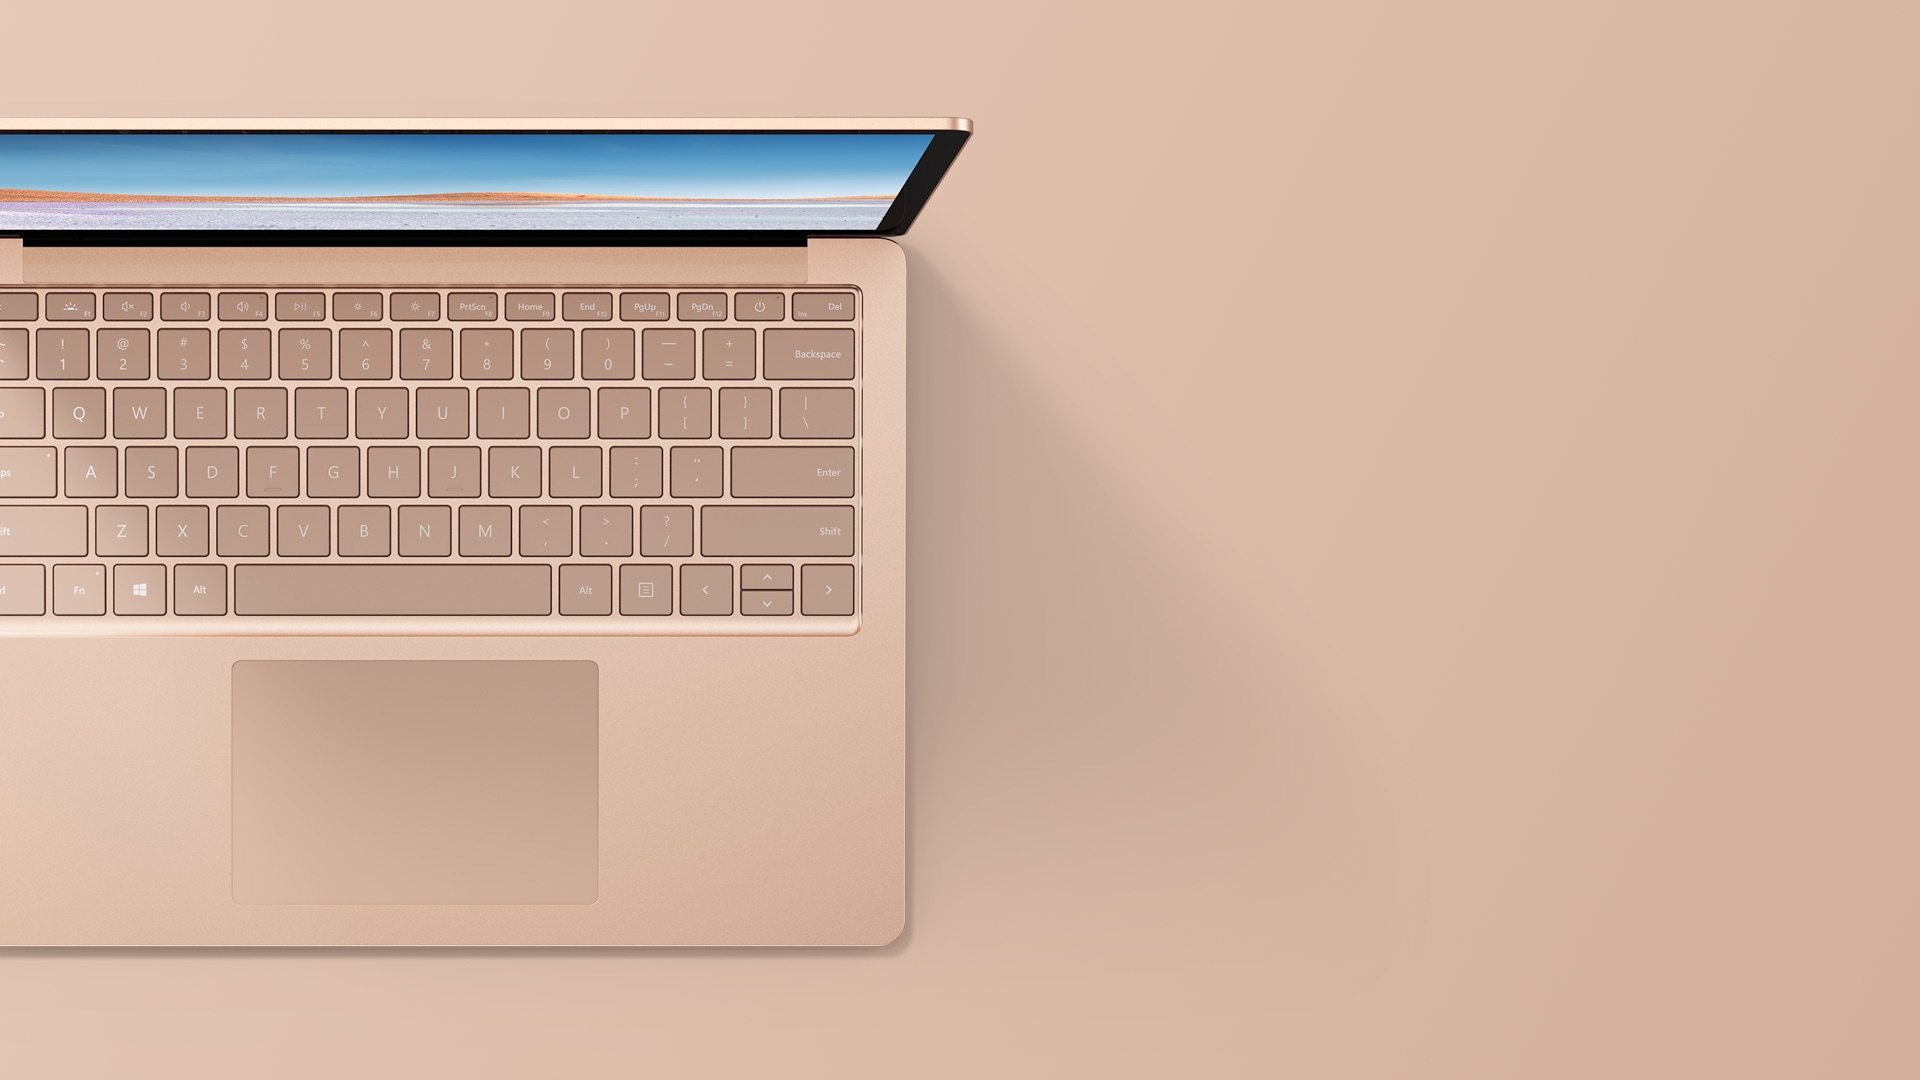 13.5 吋沙岩色 Surface Laptop 3 的俯視圖